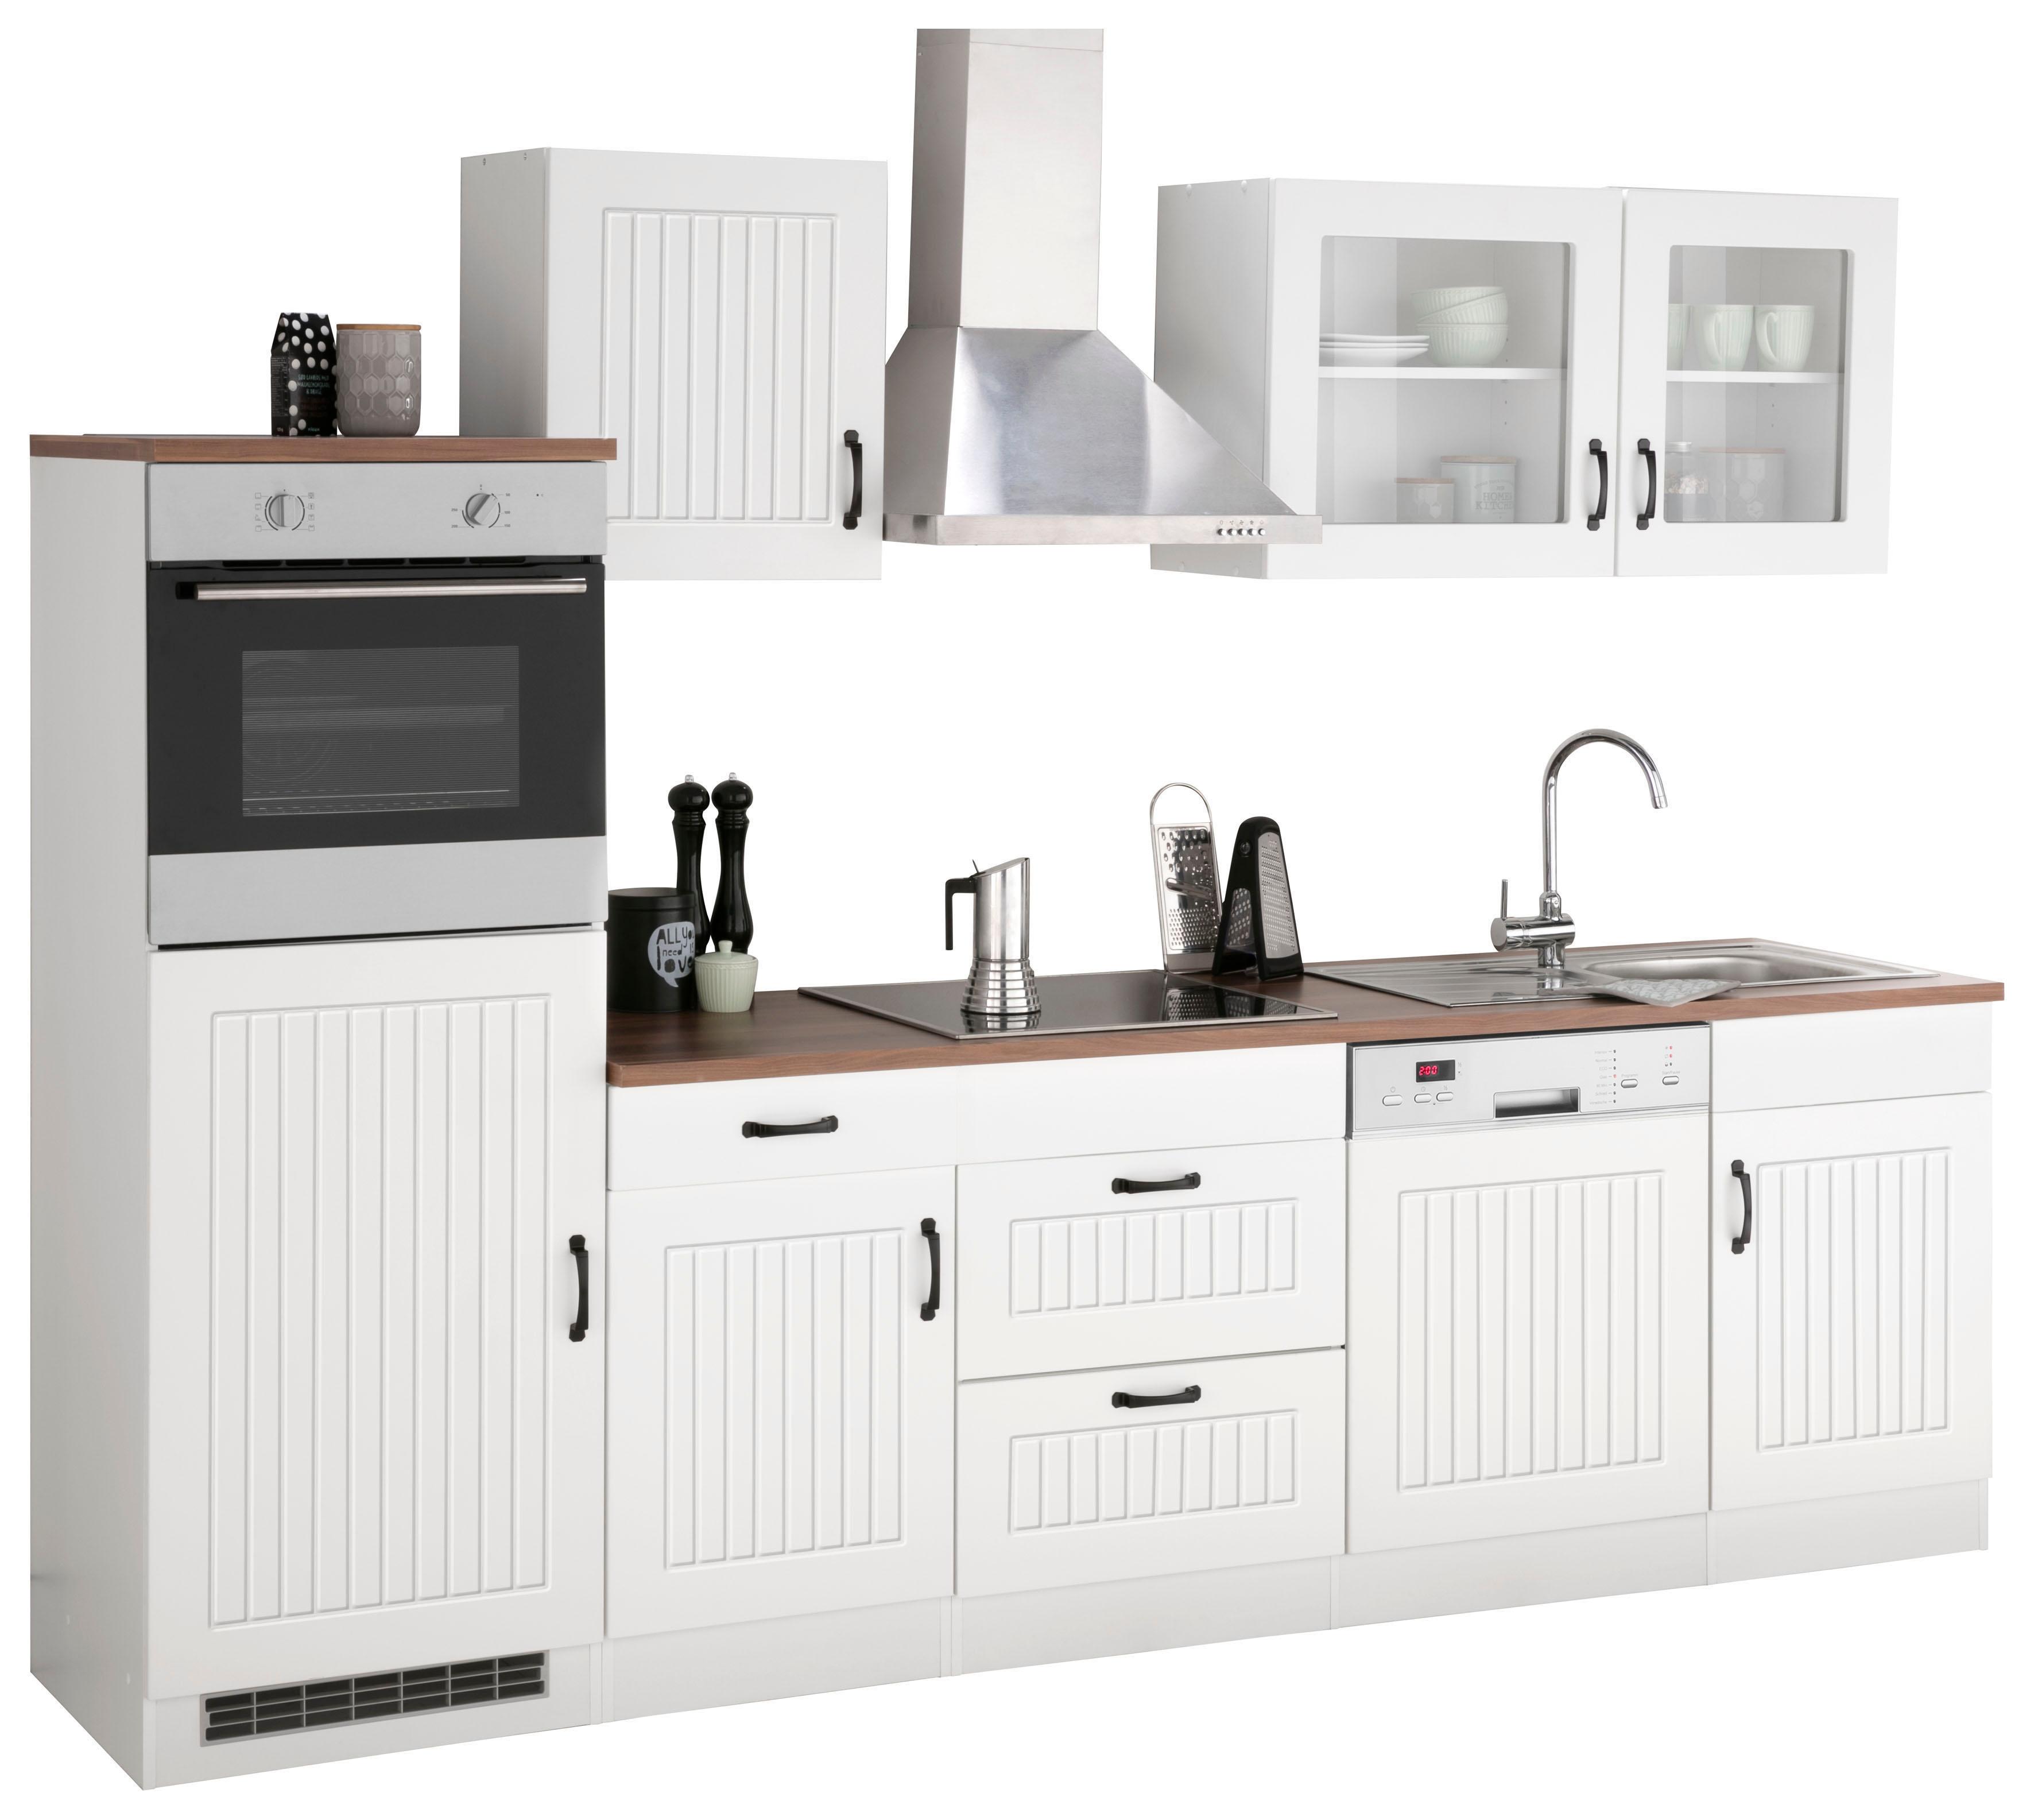 HELD MÖBEL Küchenzeile »Athen«, mit E-Geräten, Breite 17 cm kaufen  BAUR